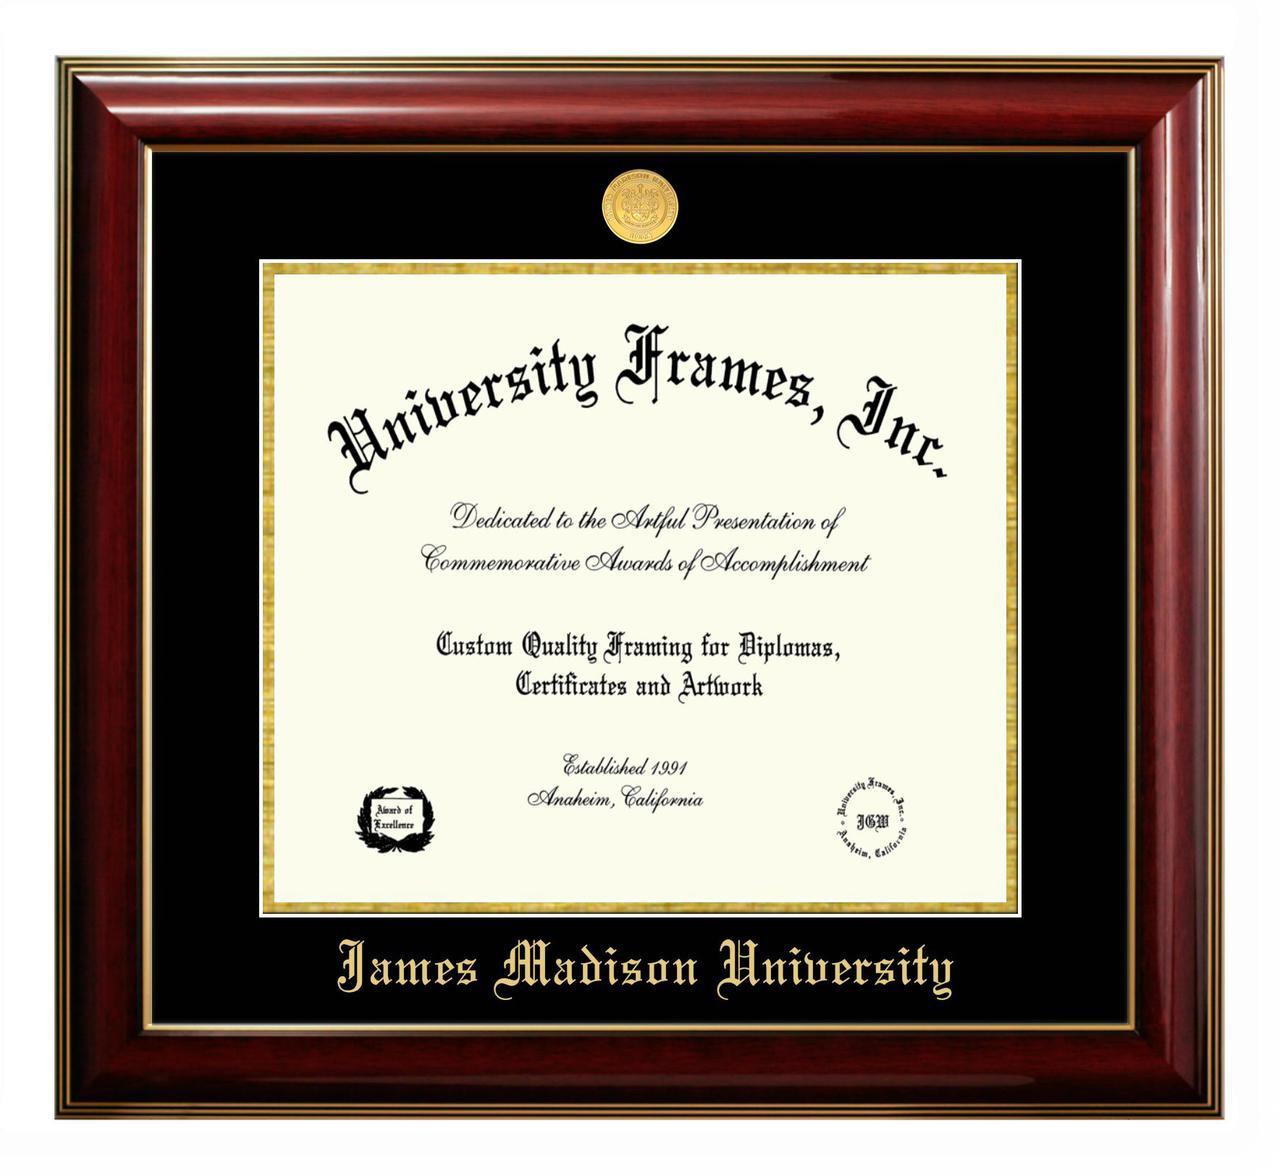 purdue diploma frames - Yelom.digitalsite.co